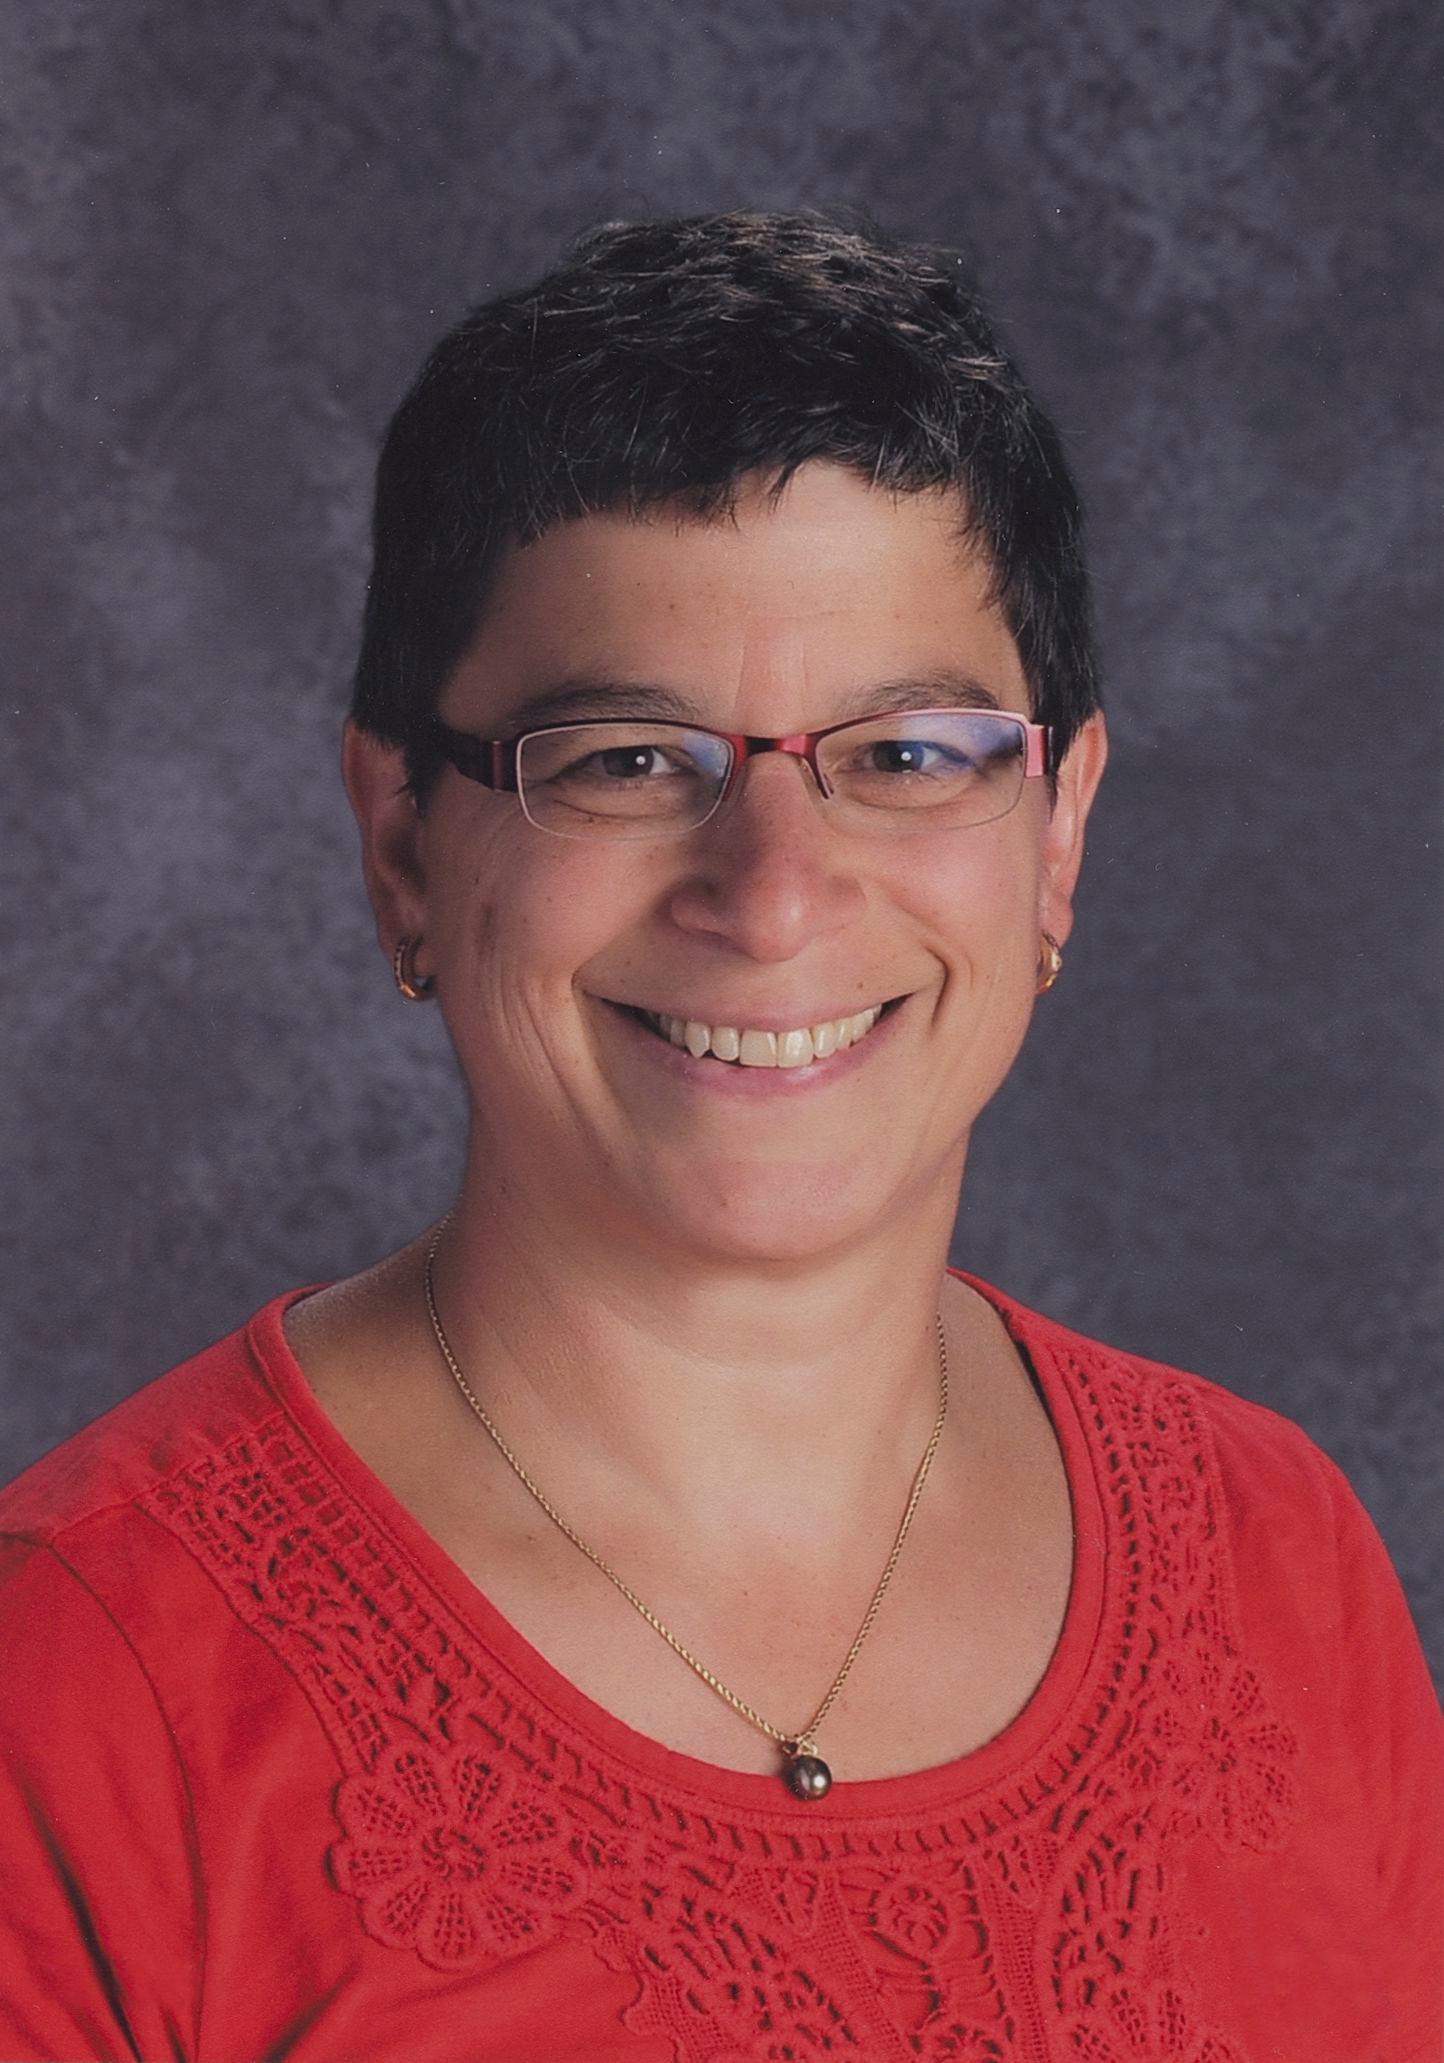 Robyn Graziano Portrait Photo